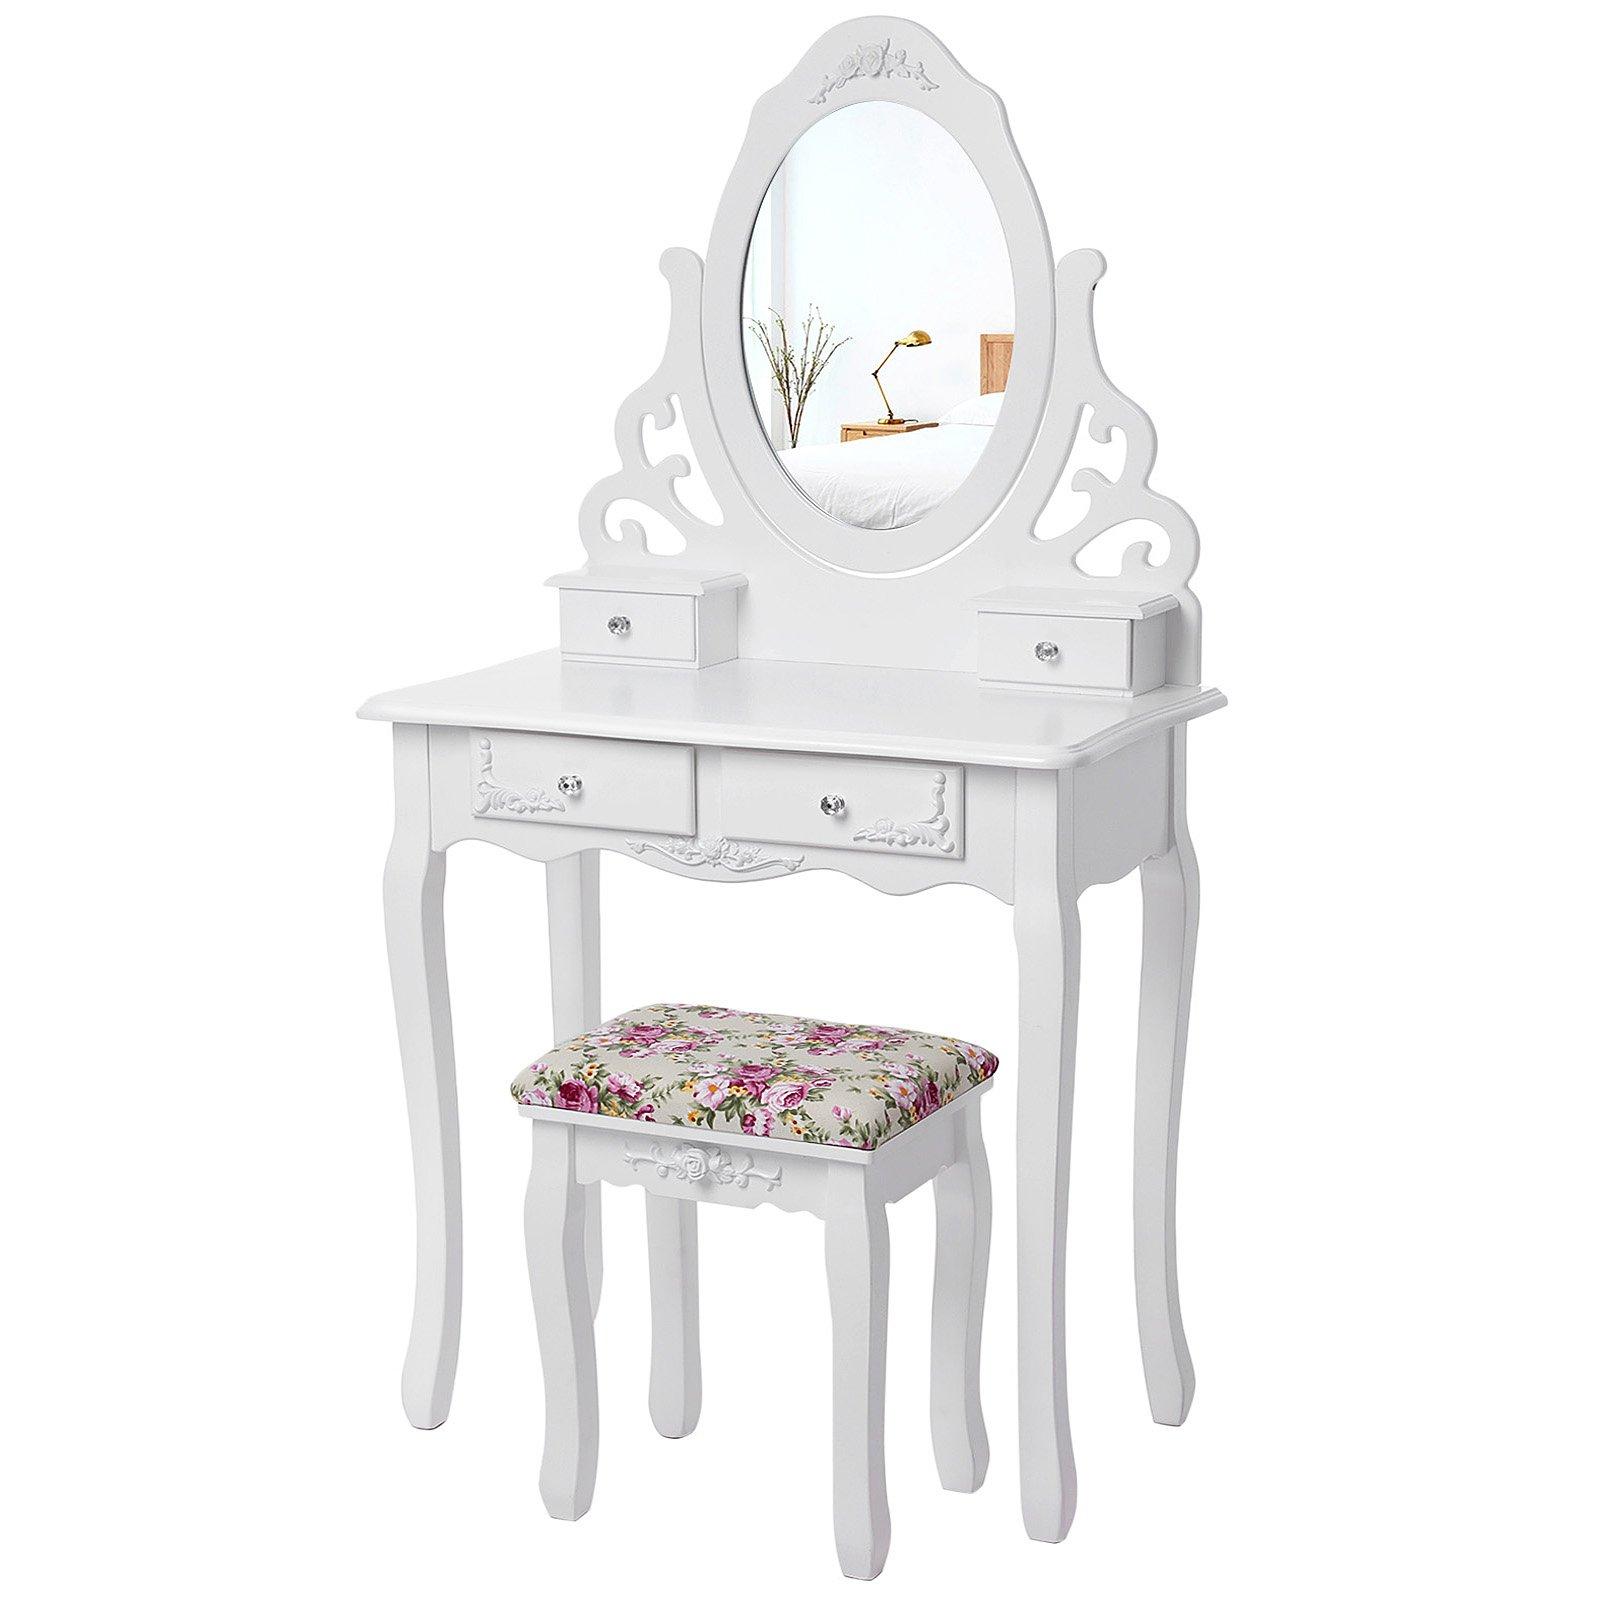 am besten bewertete produkte in der kategorie schminktische. Black Bedroom Furniture Sets. Home Design Ideas